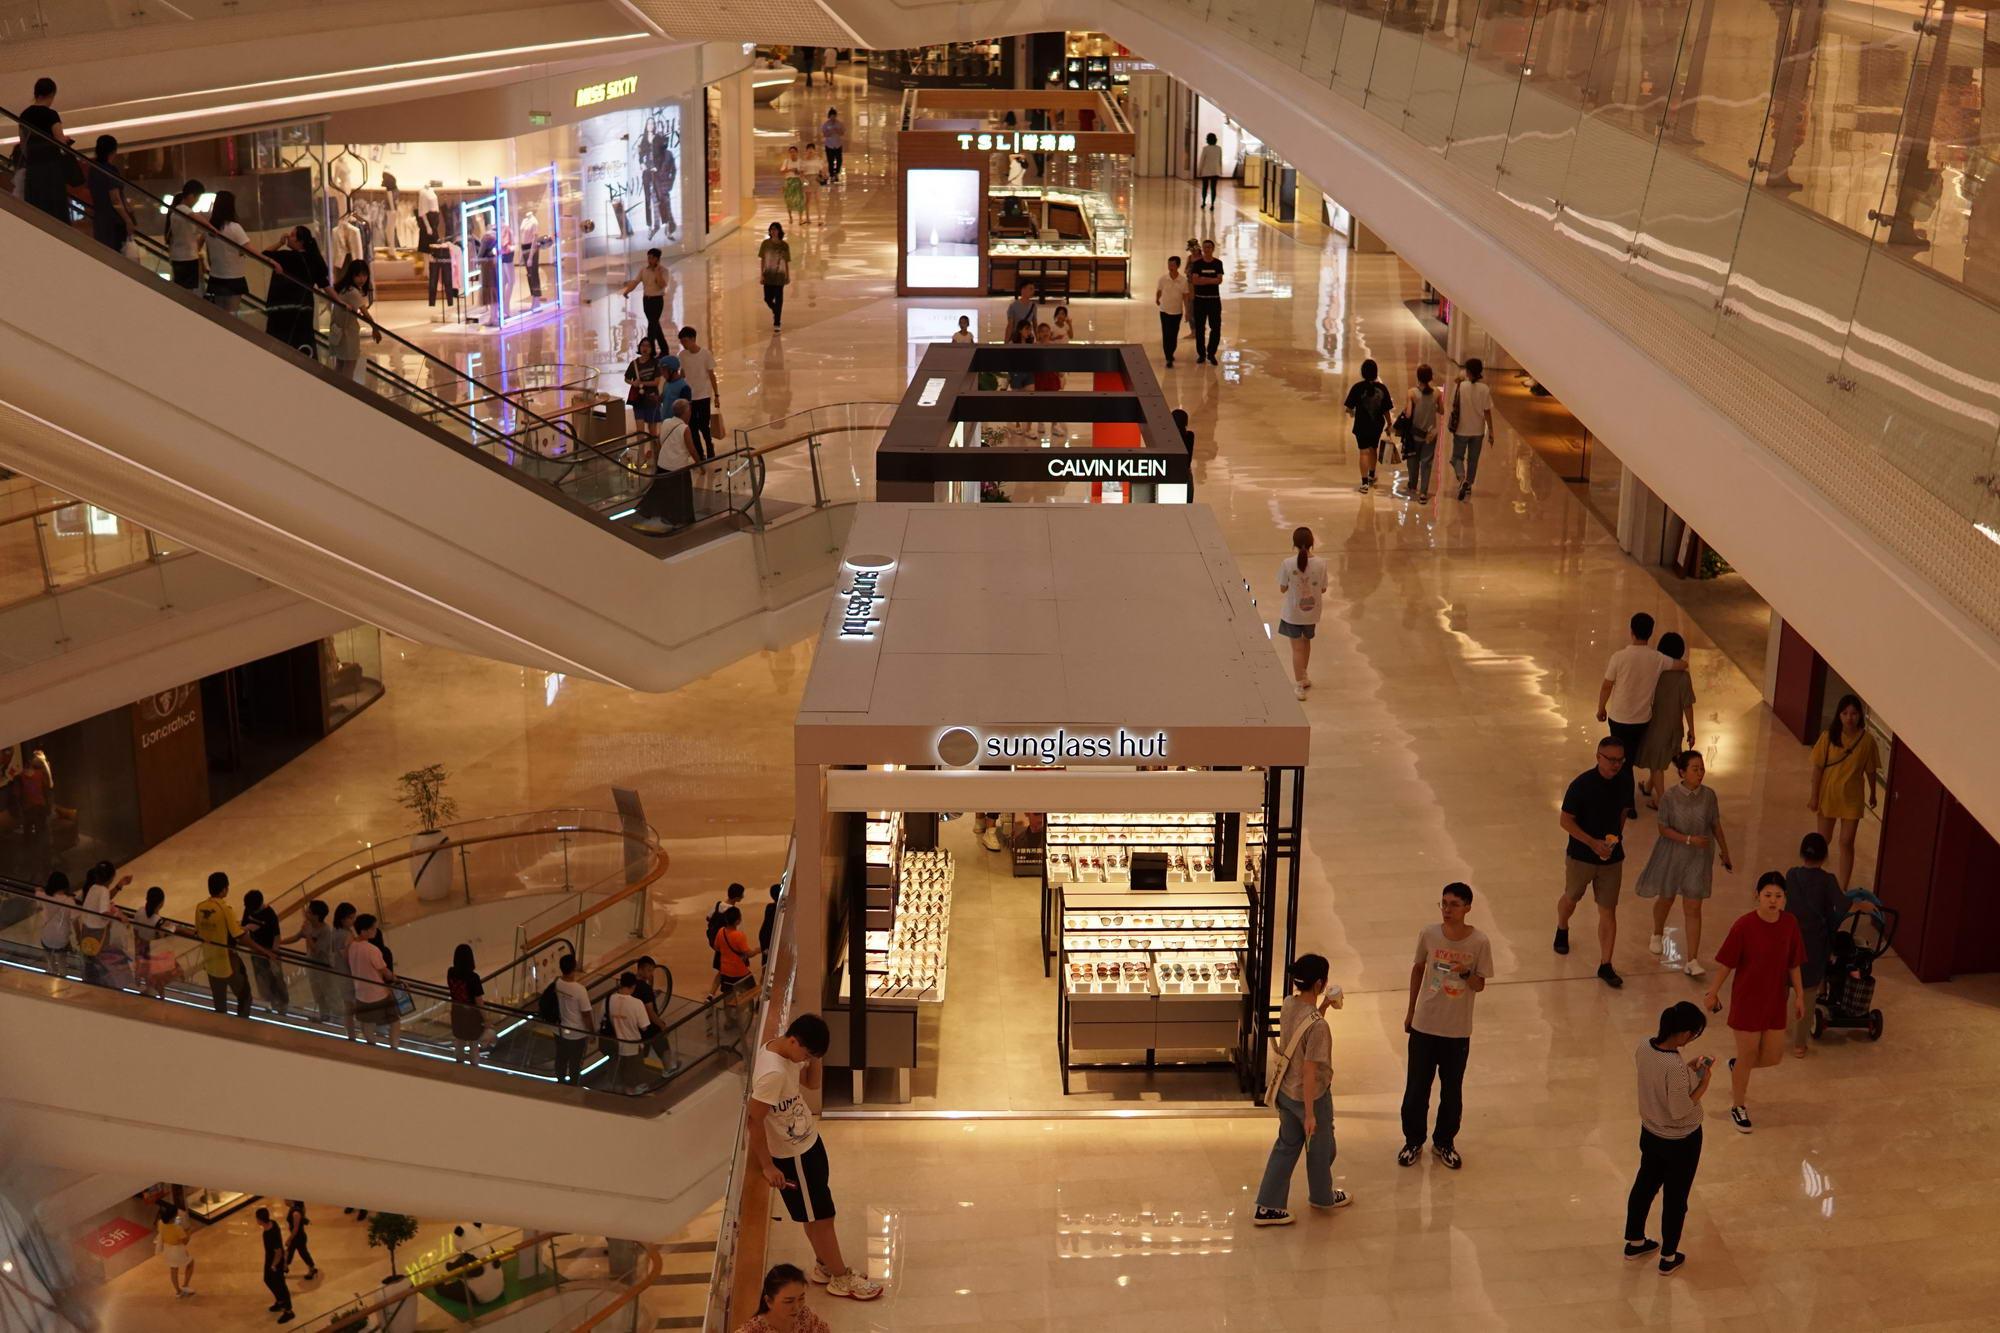 沃尔玛公开其电商技术以帮助其他零售商完成转型